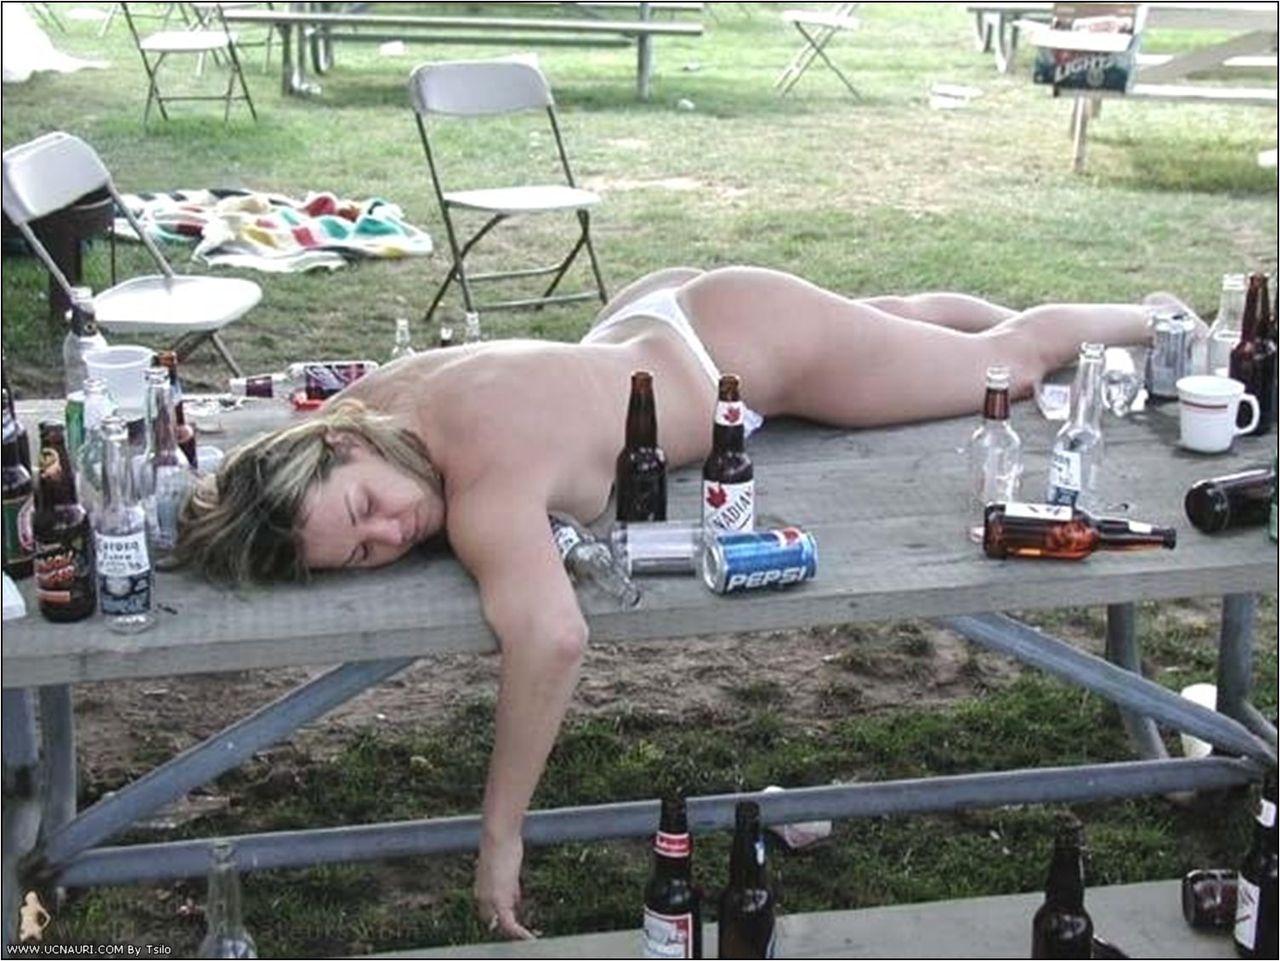 Пьяные бабы смотреть онлайн бесплатно без регистрации без смс 4 фотография